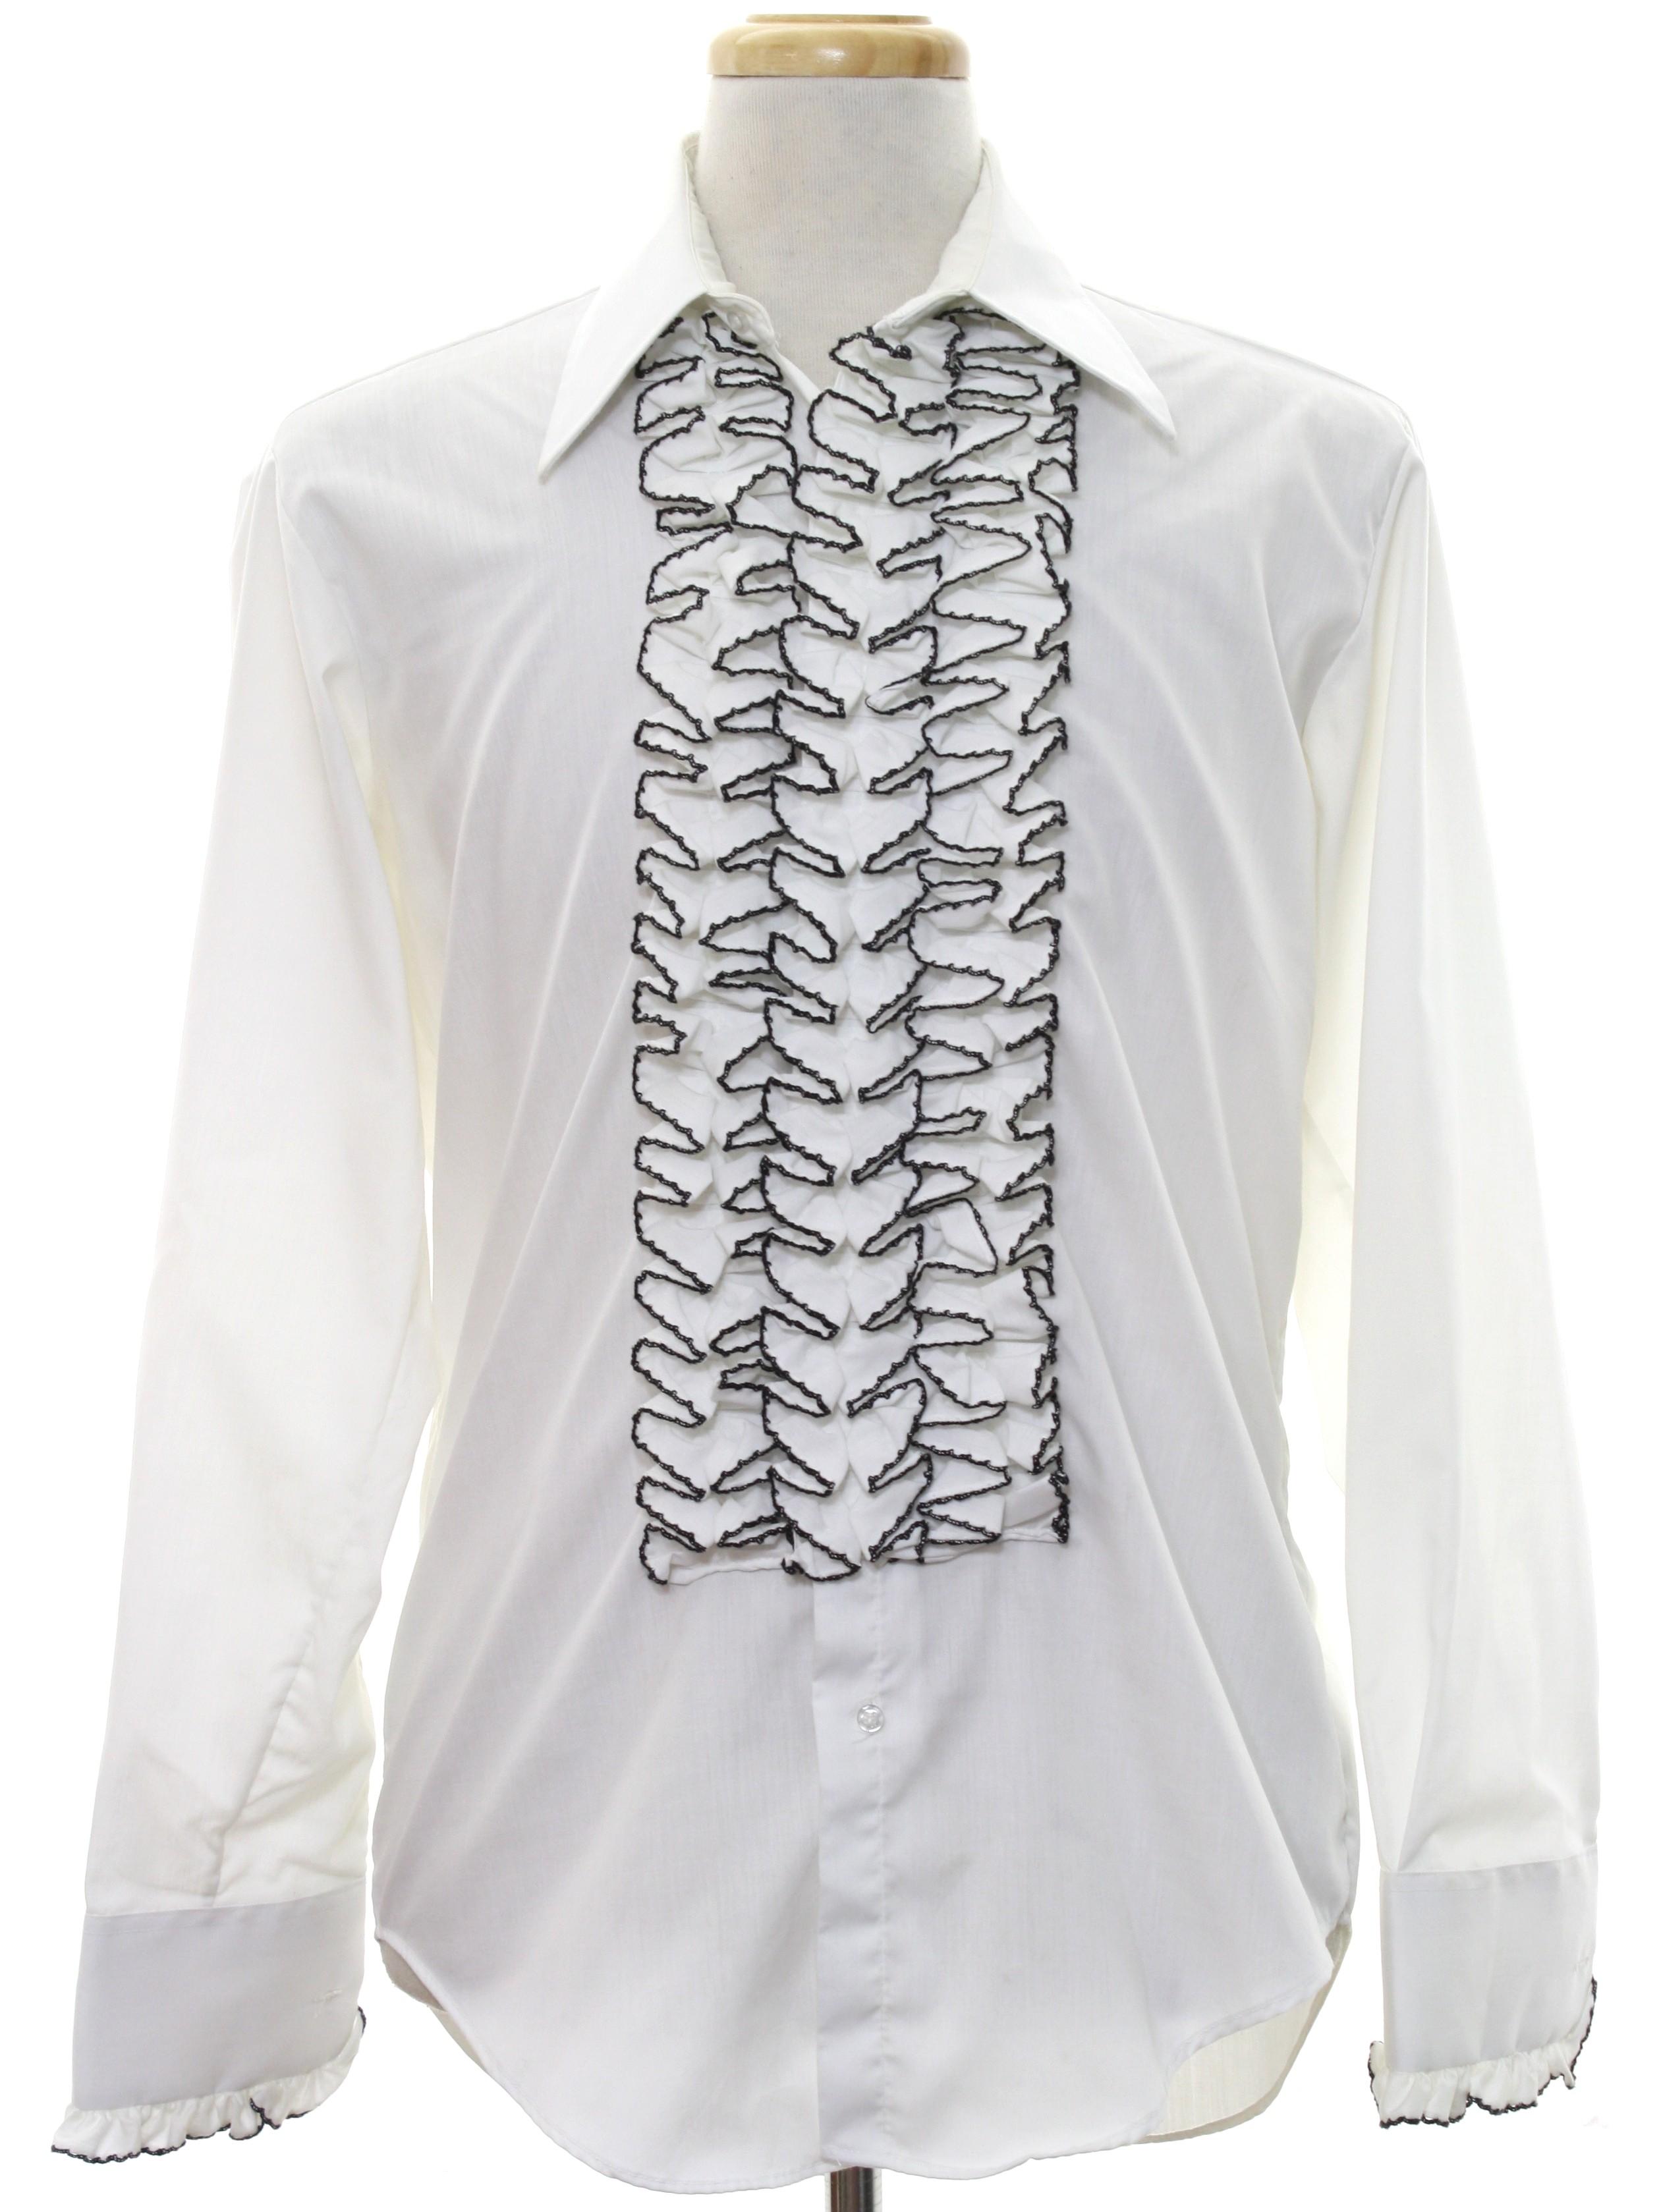 French Cuff Womens Shirts